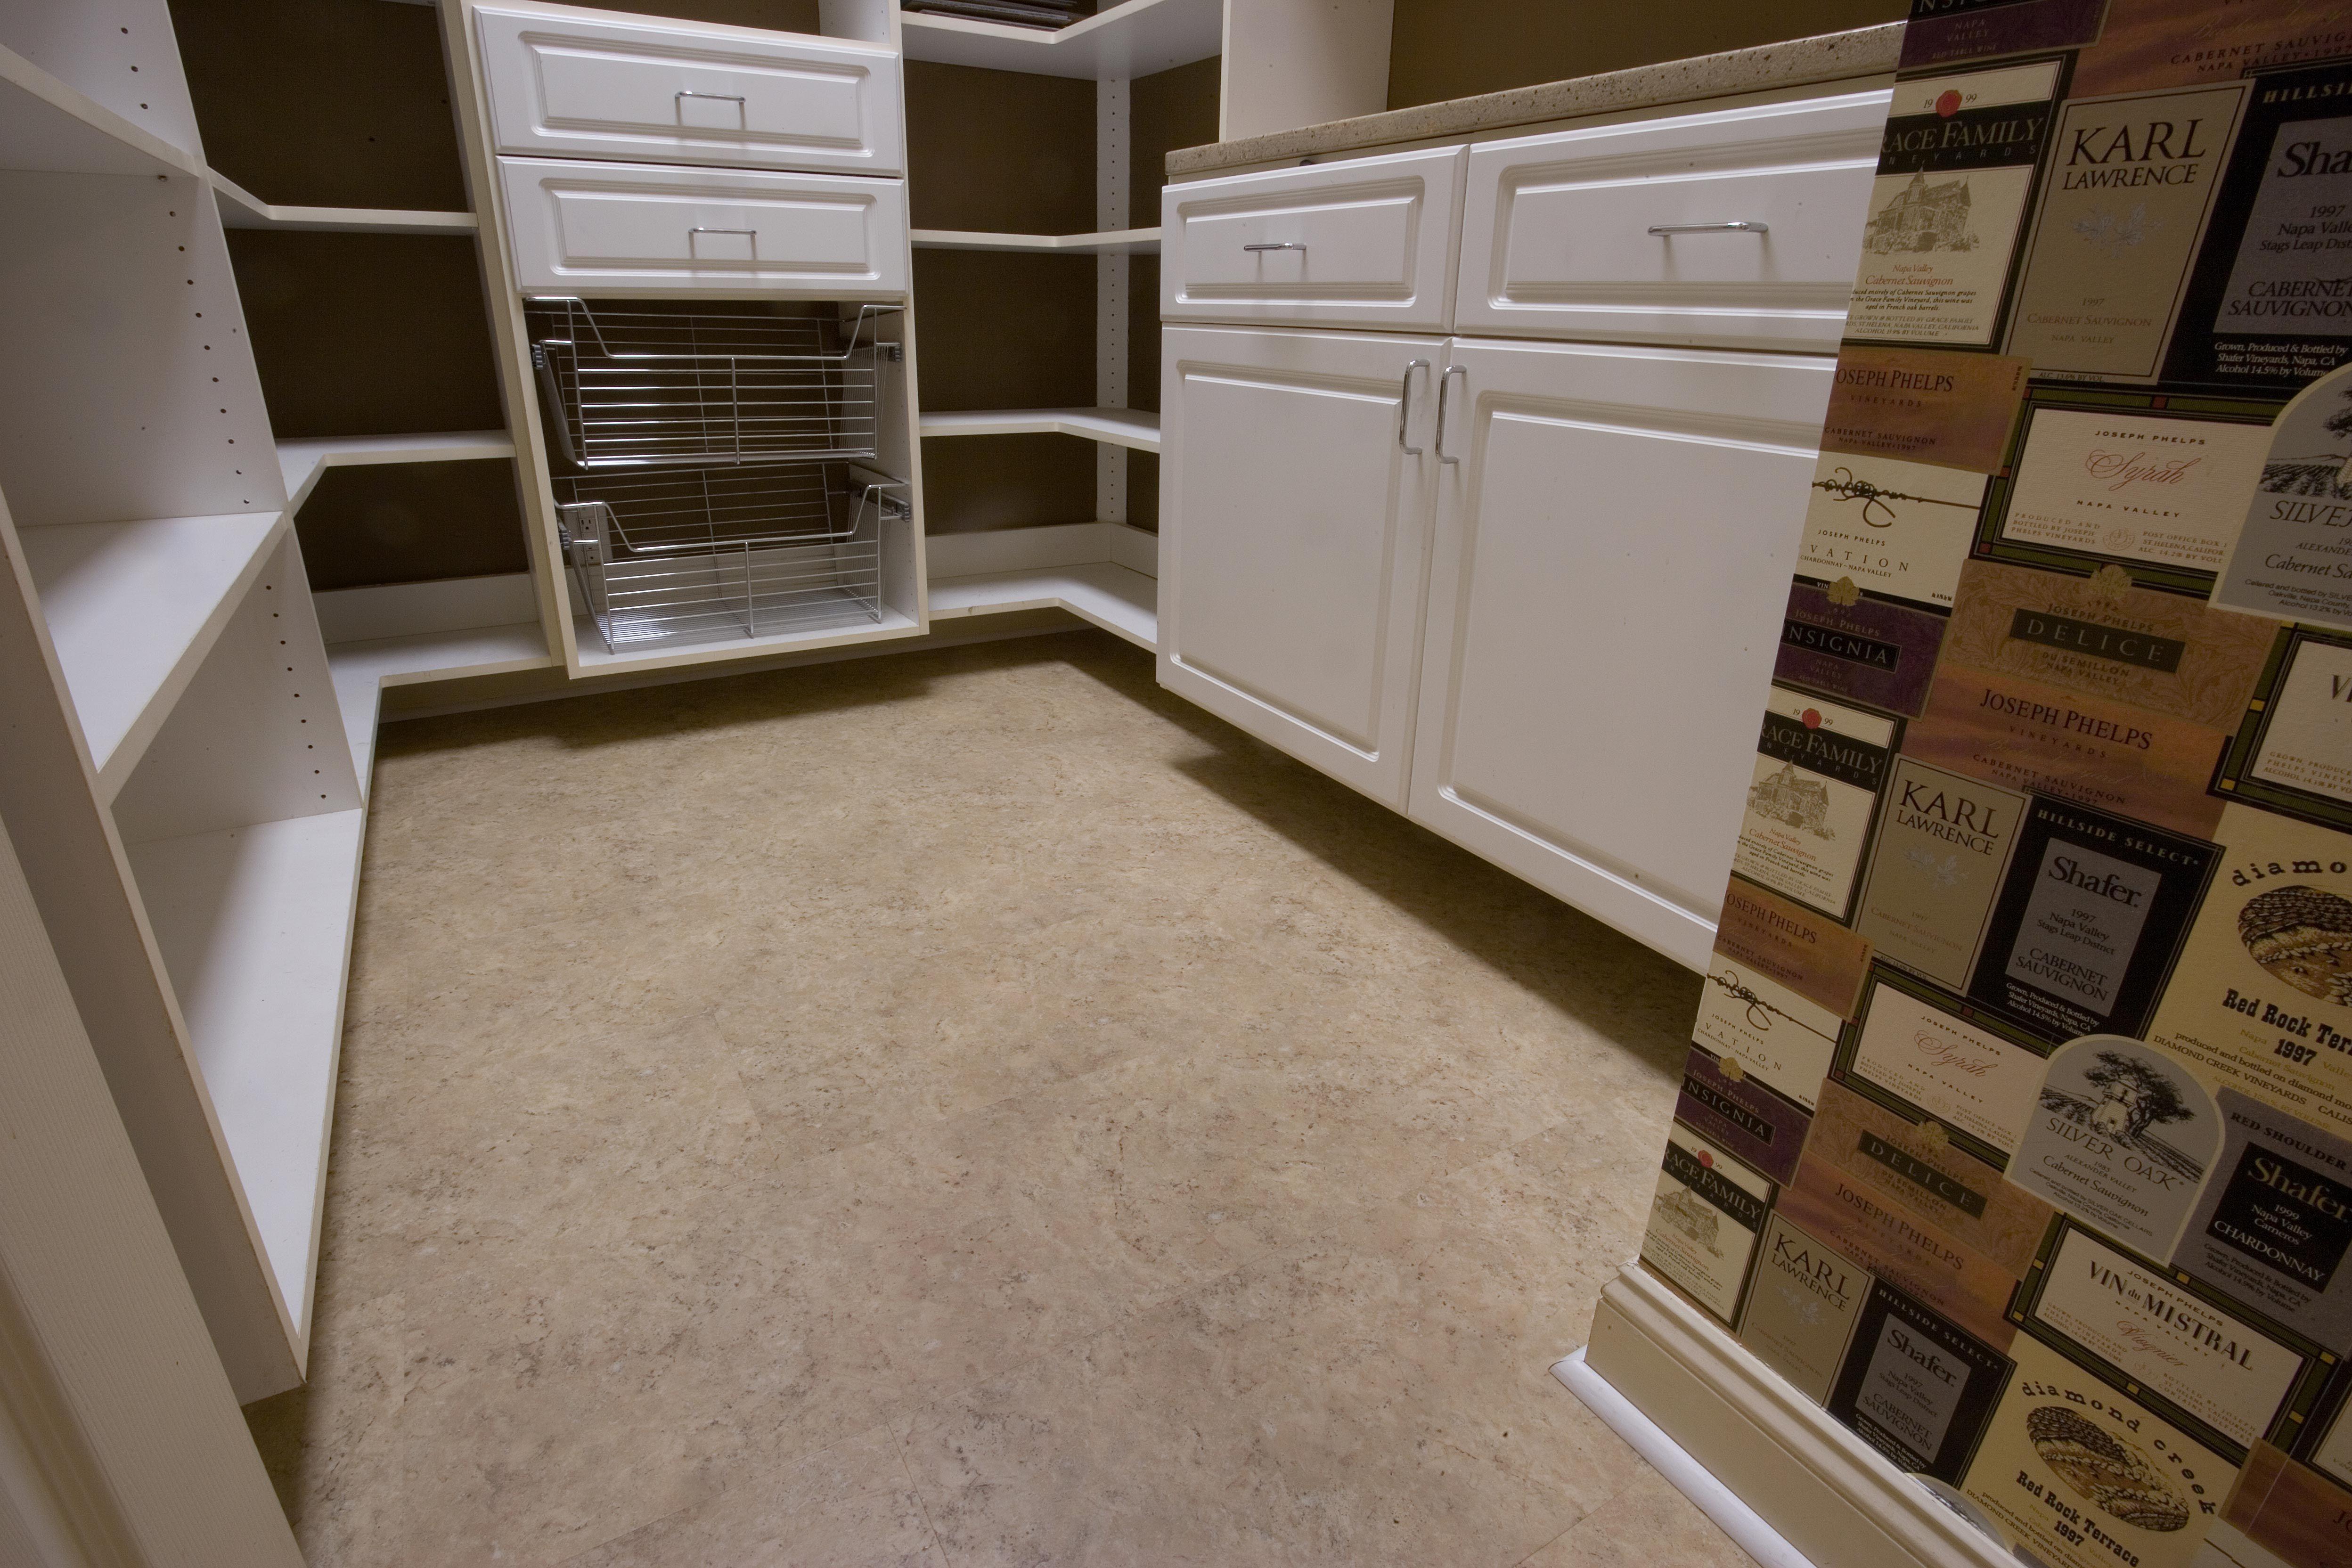 Dalton Dream Home Installation- Carpets of Dalton COREtec ...